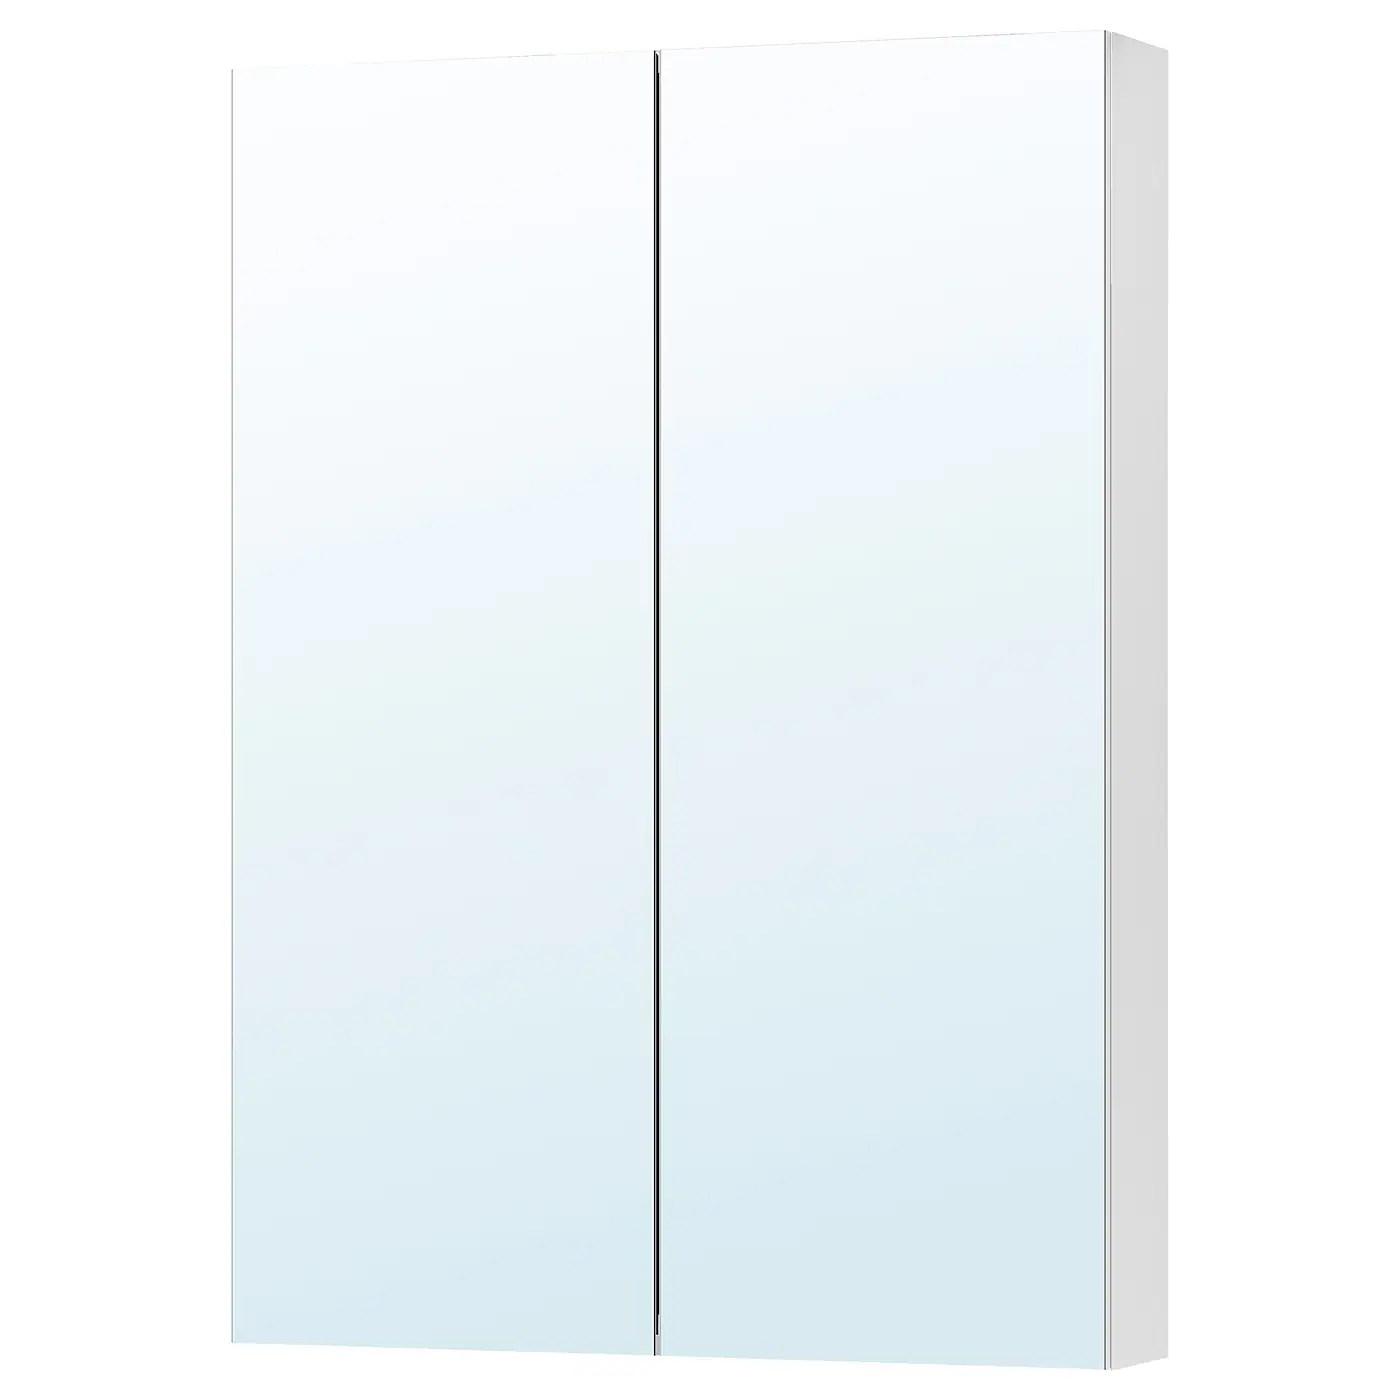 godmorgon armoire a pharmacie 2 portes miroir 27 1 2x5 1 2x37 3 4 70x14x96 cm